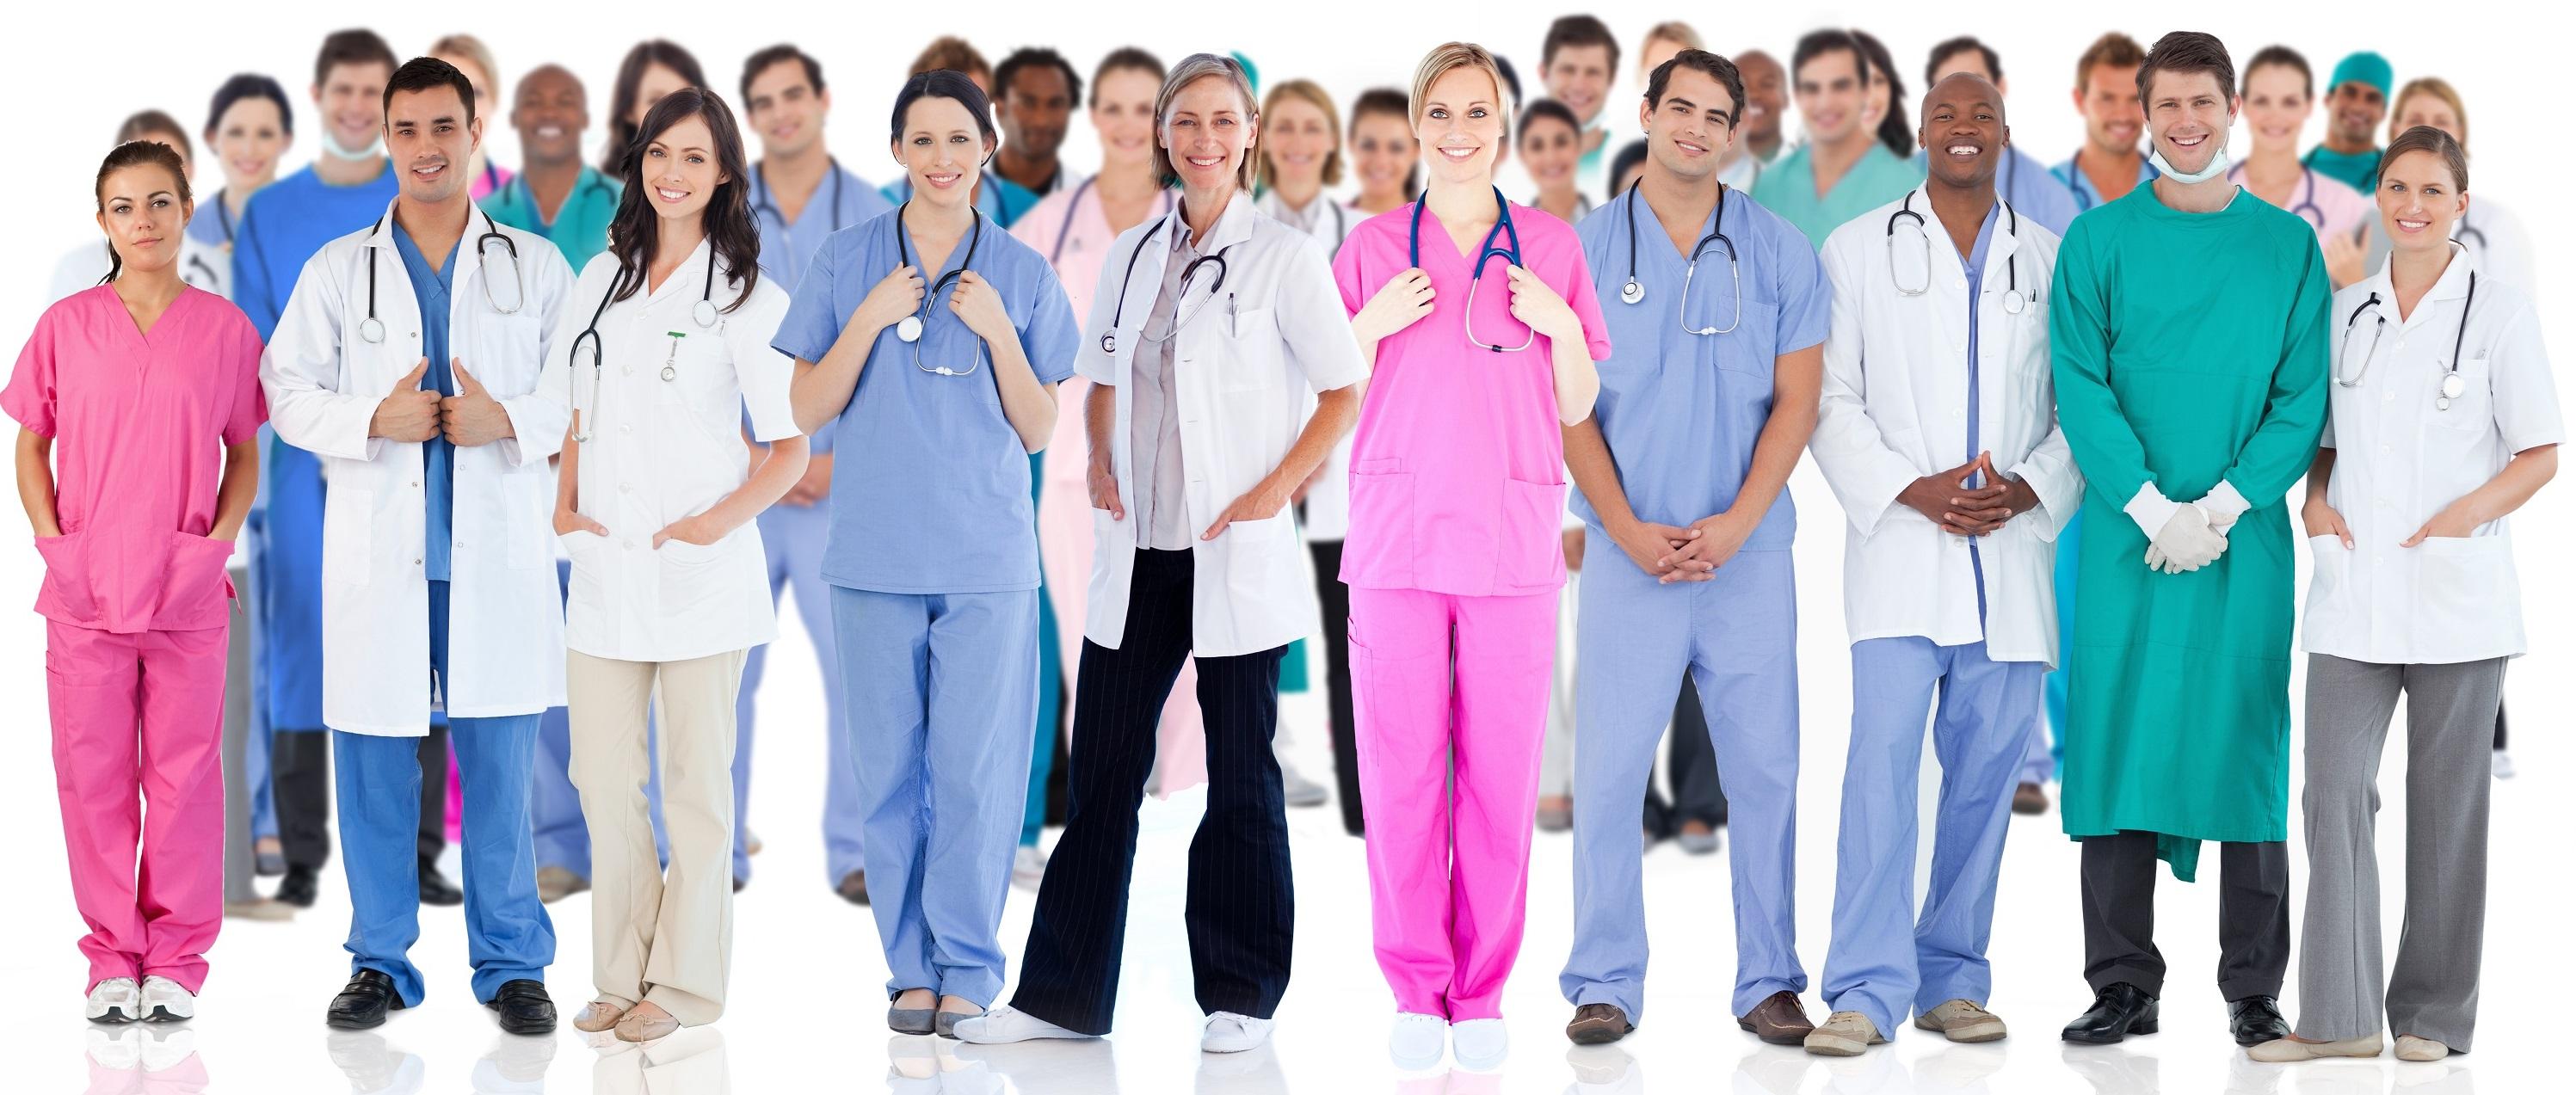 سایت تخصصی پارچه بیمارستانی